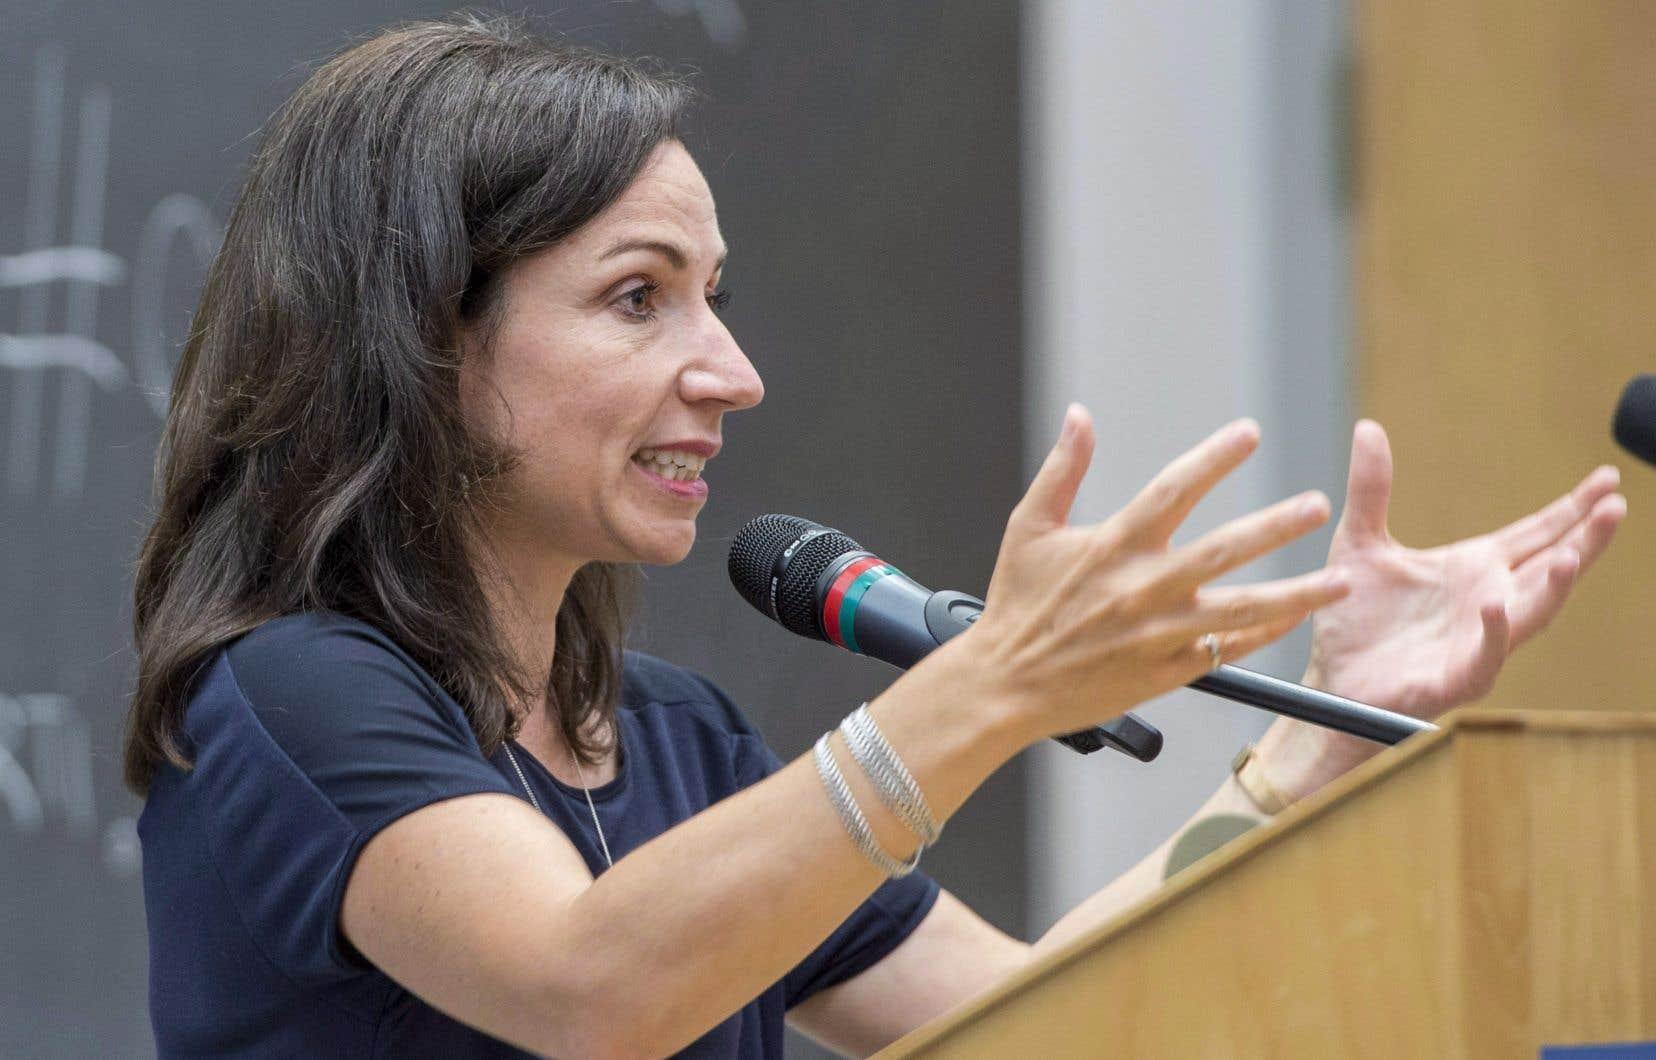 L'entourage de Martine Ouellet assure qu'elle se soumettra bel et bien à un vote de confiance dans 14 mois.